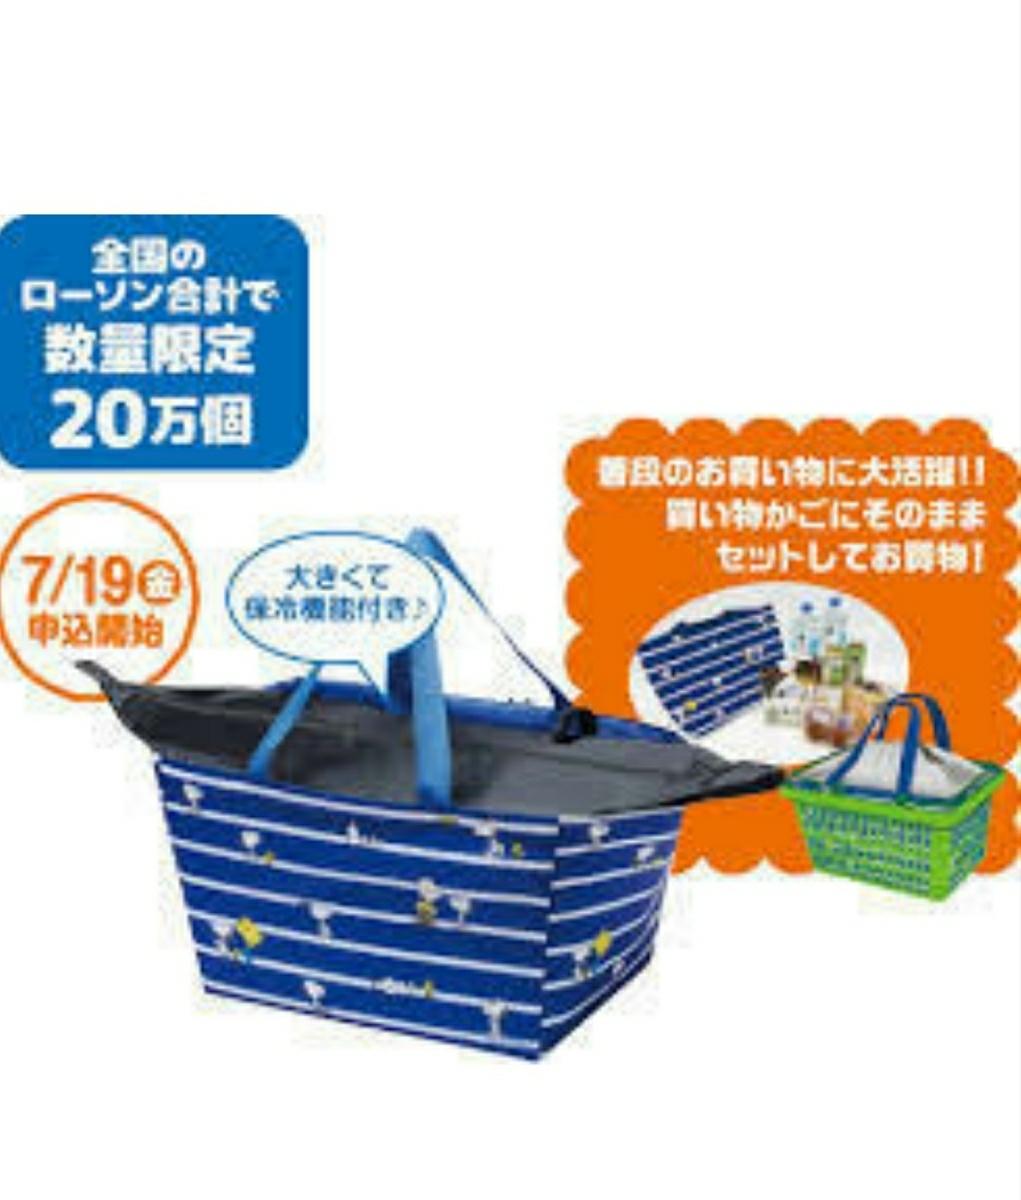 ローソン☆夏のスヌーピーフェア☆買い物かご用保冷バッグ_画像2